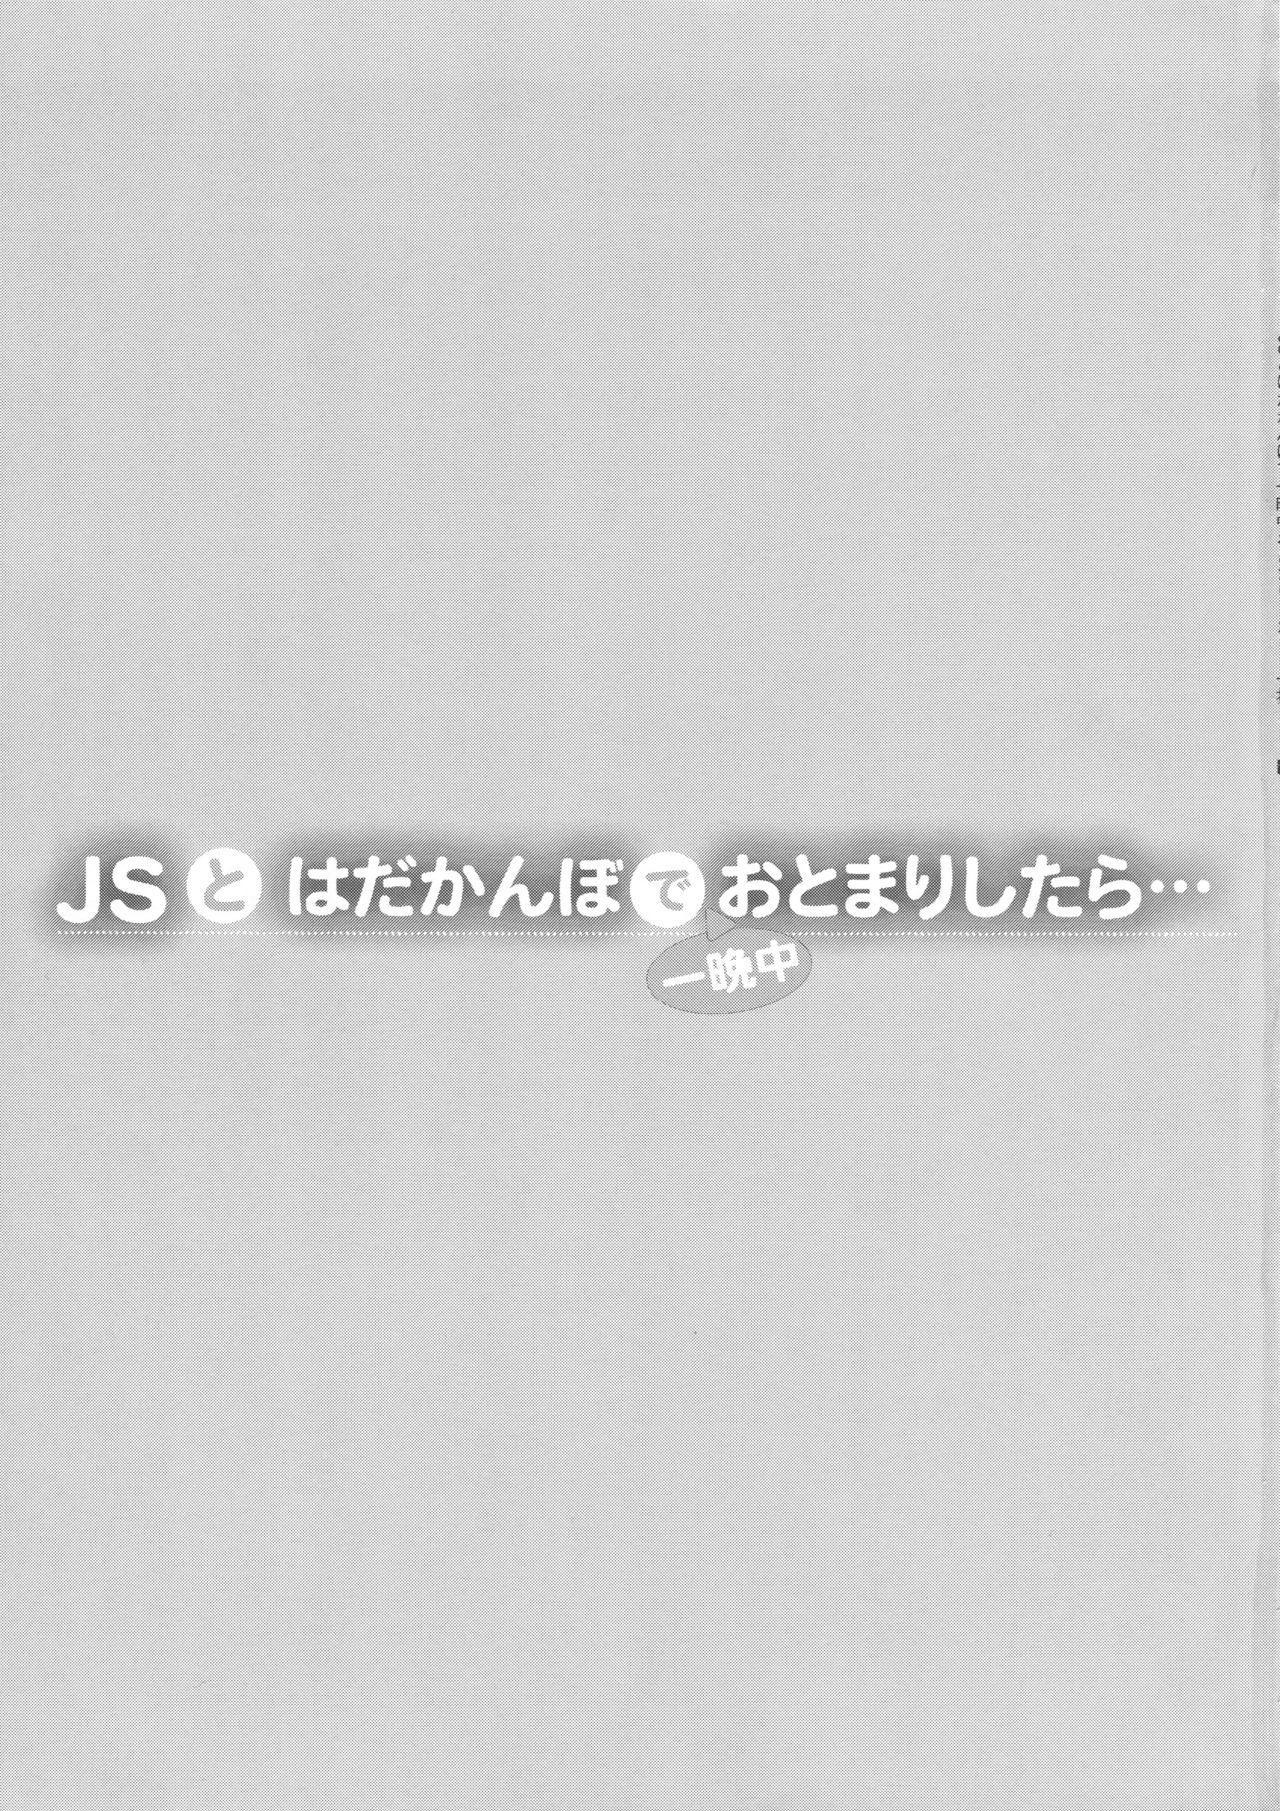 JS to Hadakanbo de Hitobanjuu Otomarishitara... 2